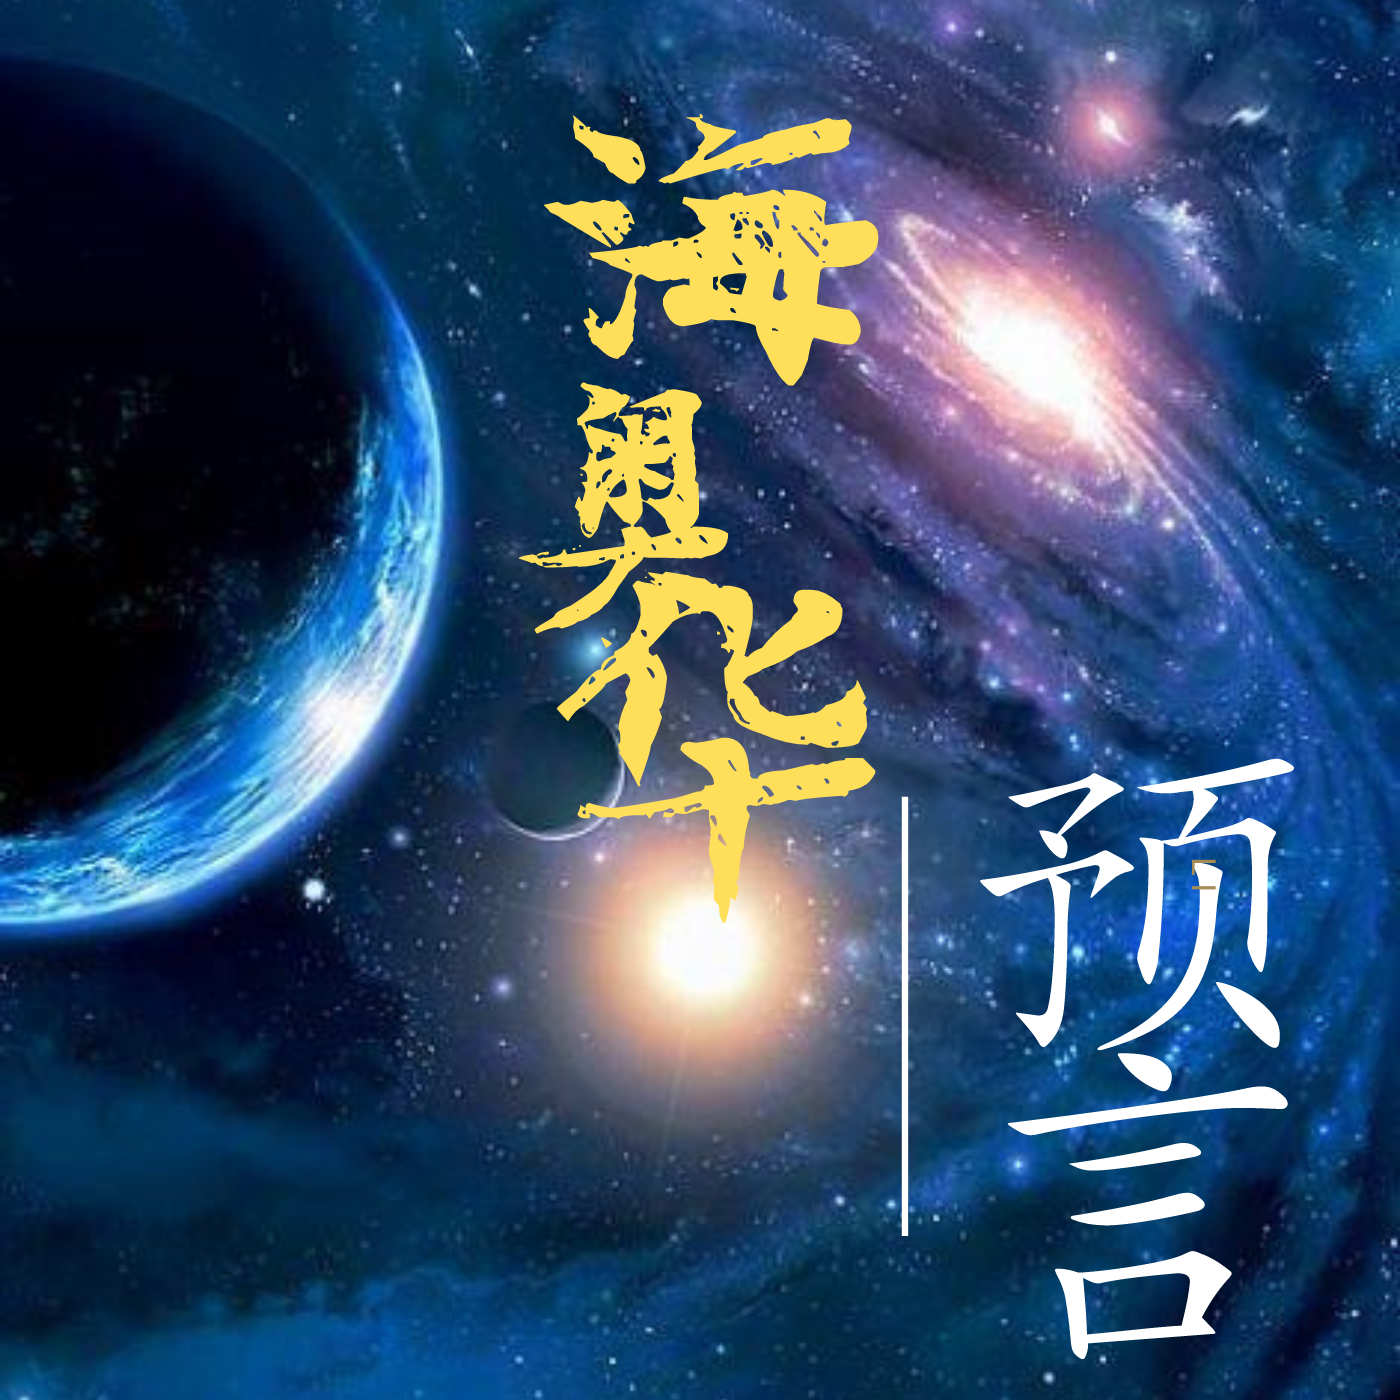 海奥华预言|灵魂配乐|大思空演播